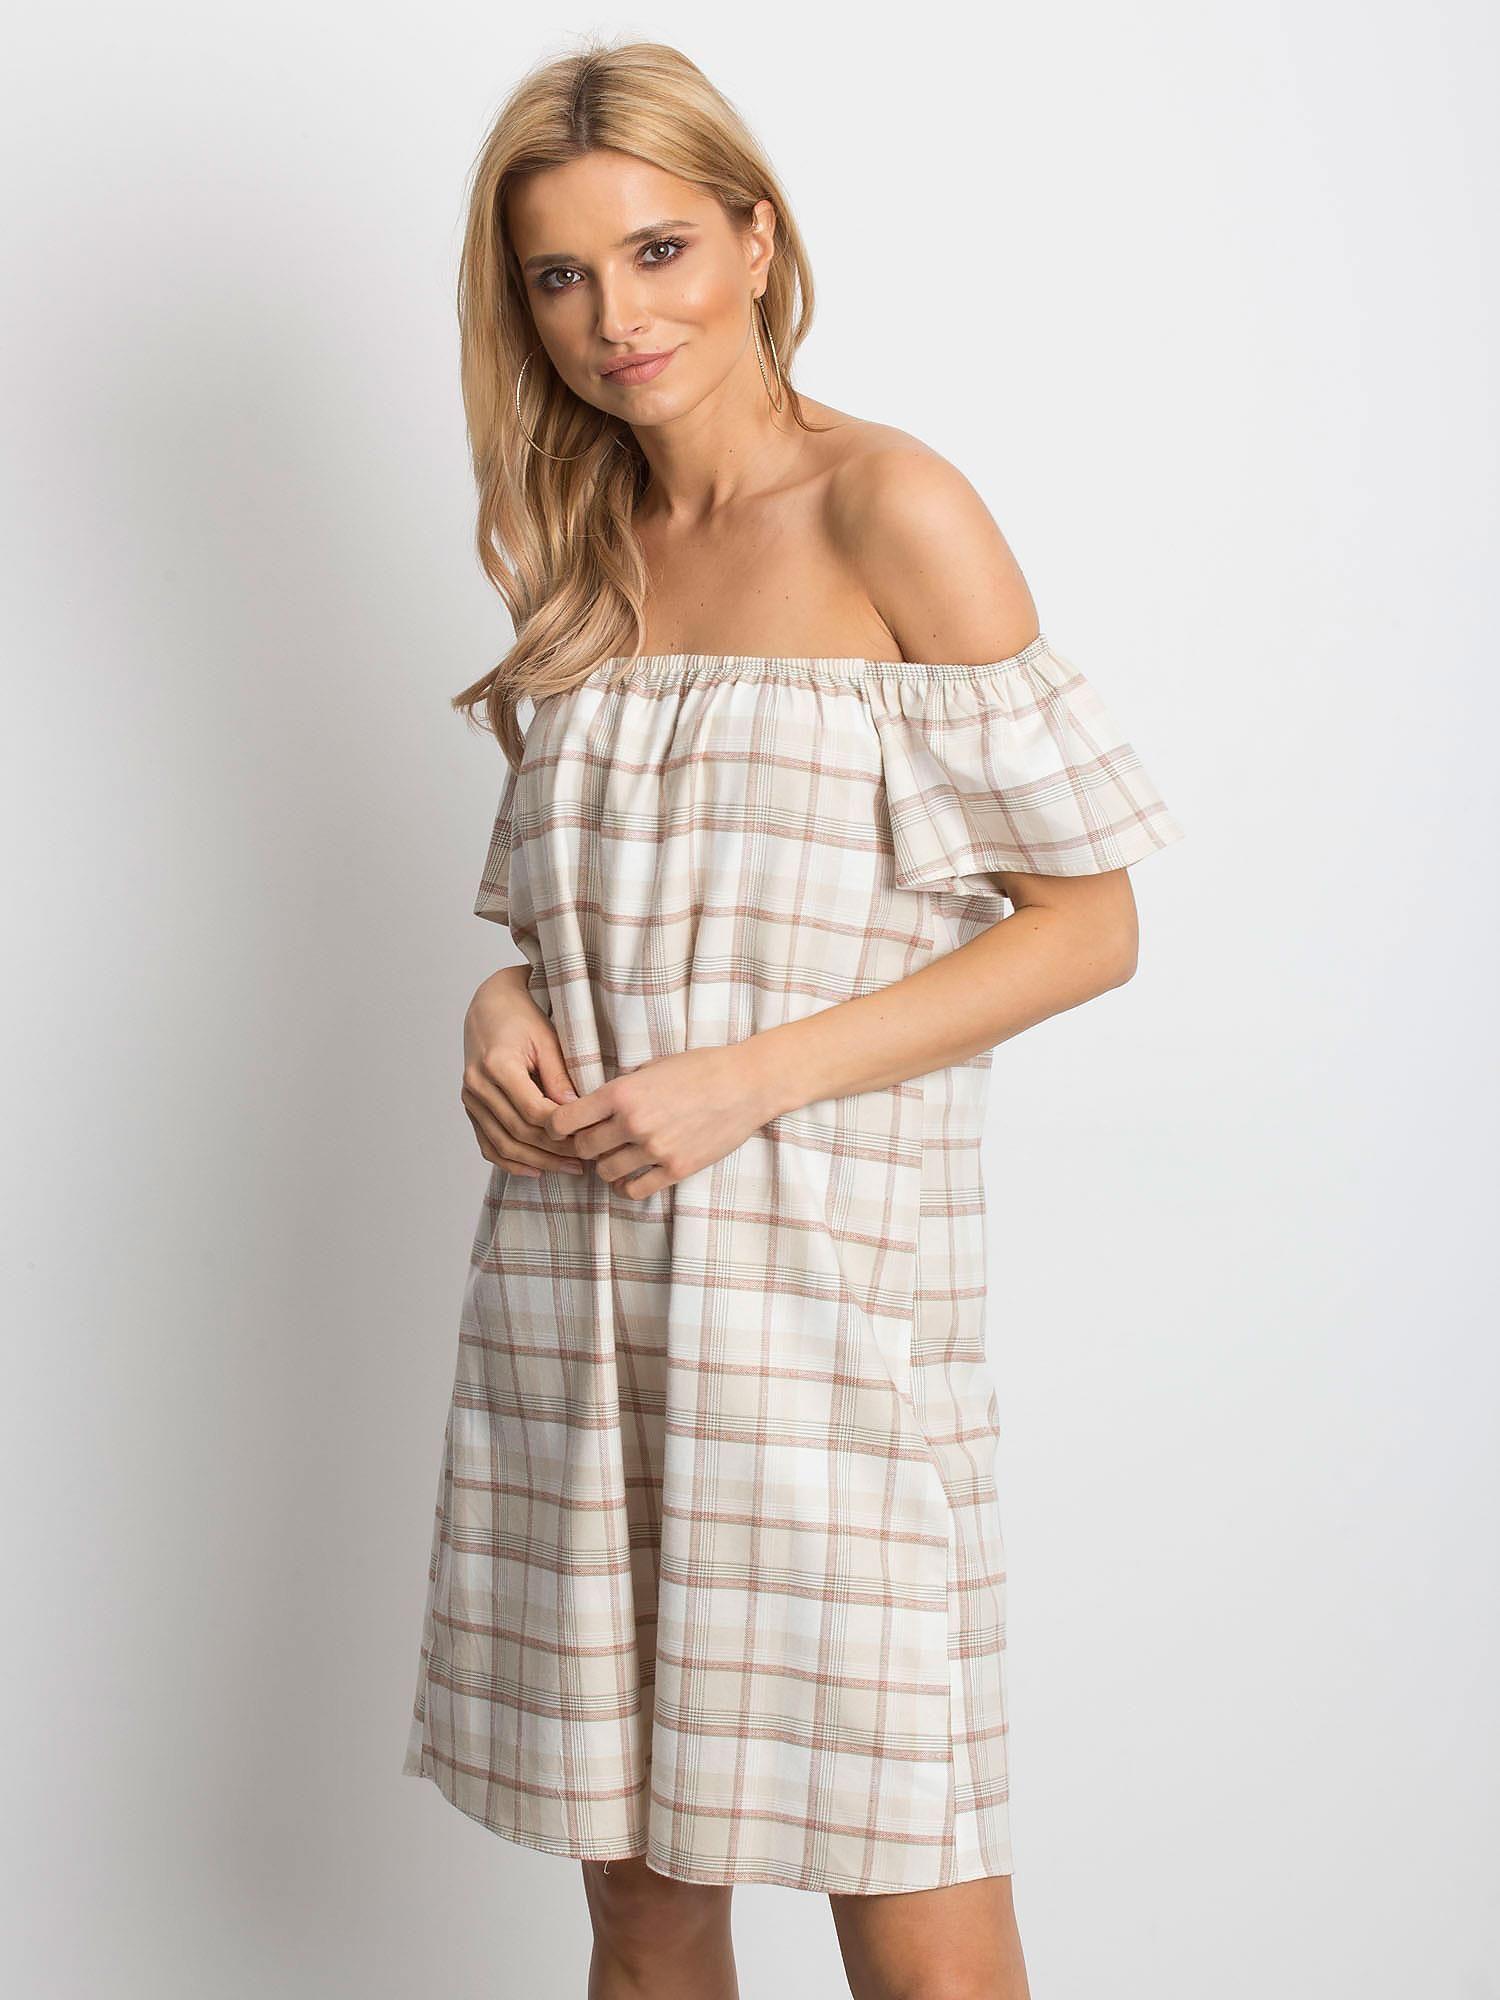 Sukienki na lato do 50 zł: promocje w sklepie ebutik.pl